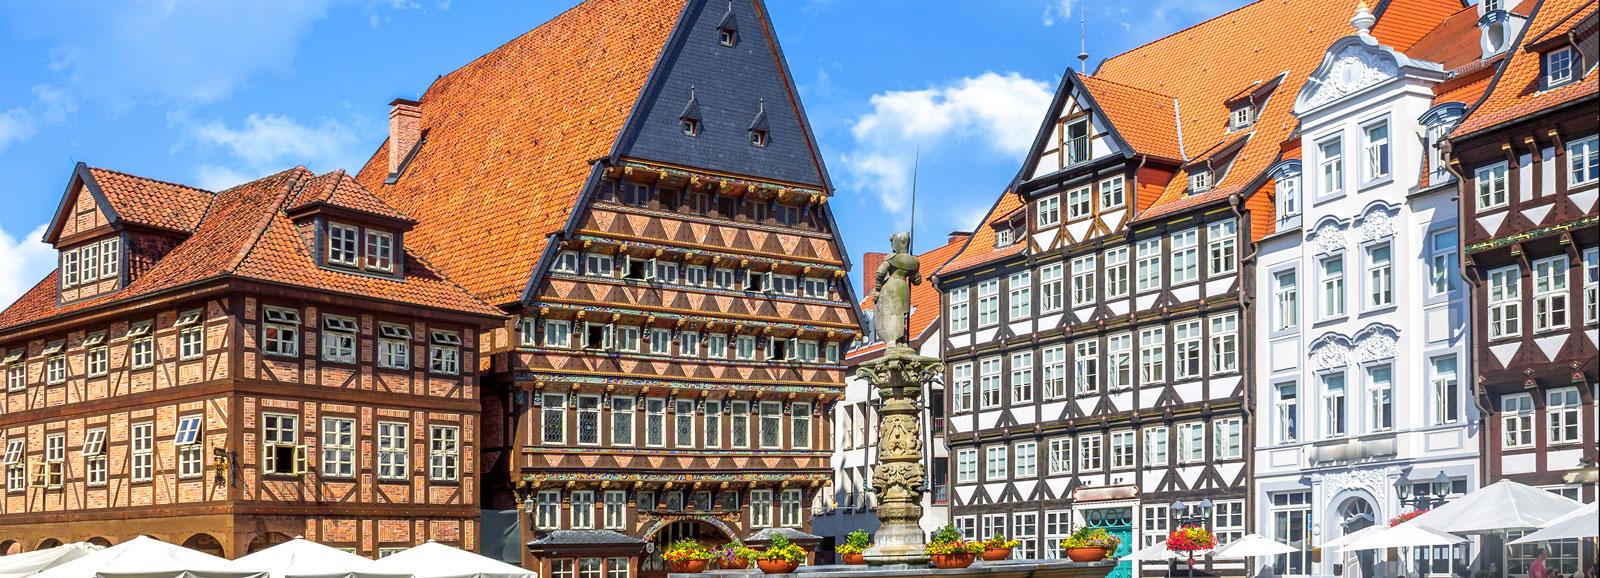 Sie möchten in Hildesheim Immobilien kaufen oder verkaufen? von Wülfing Immobilien ist Ihr starker Partner aus der Region.